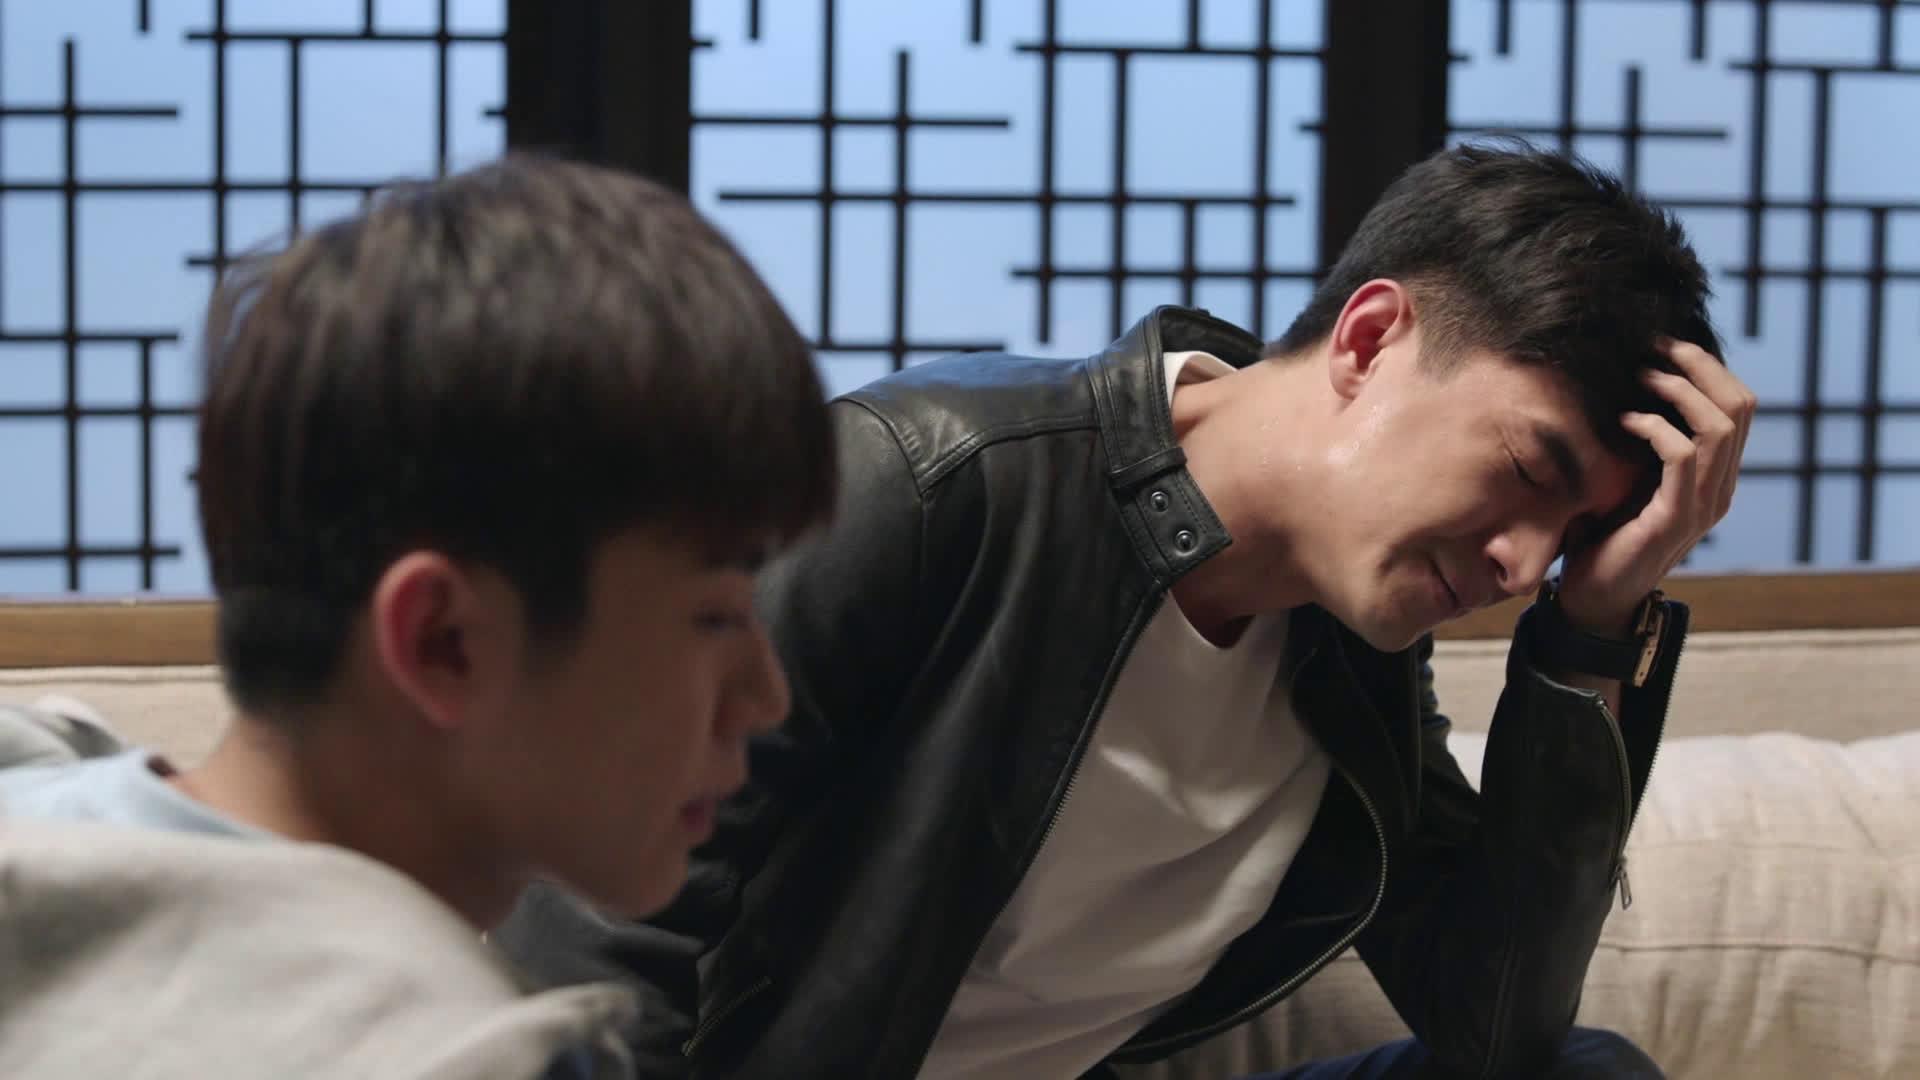 第14集:湛羽来找严谨认错,求他原谅,再给他一次机会…………